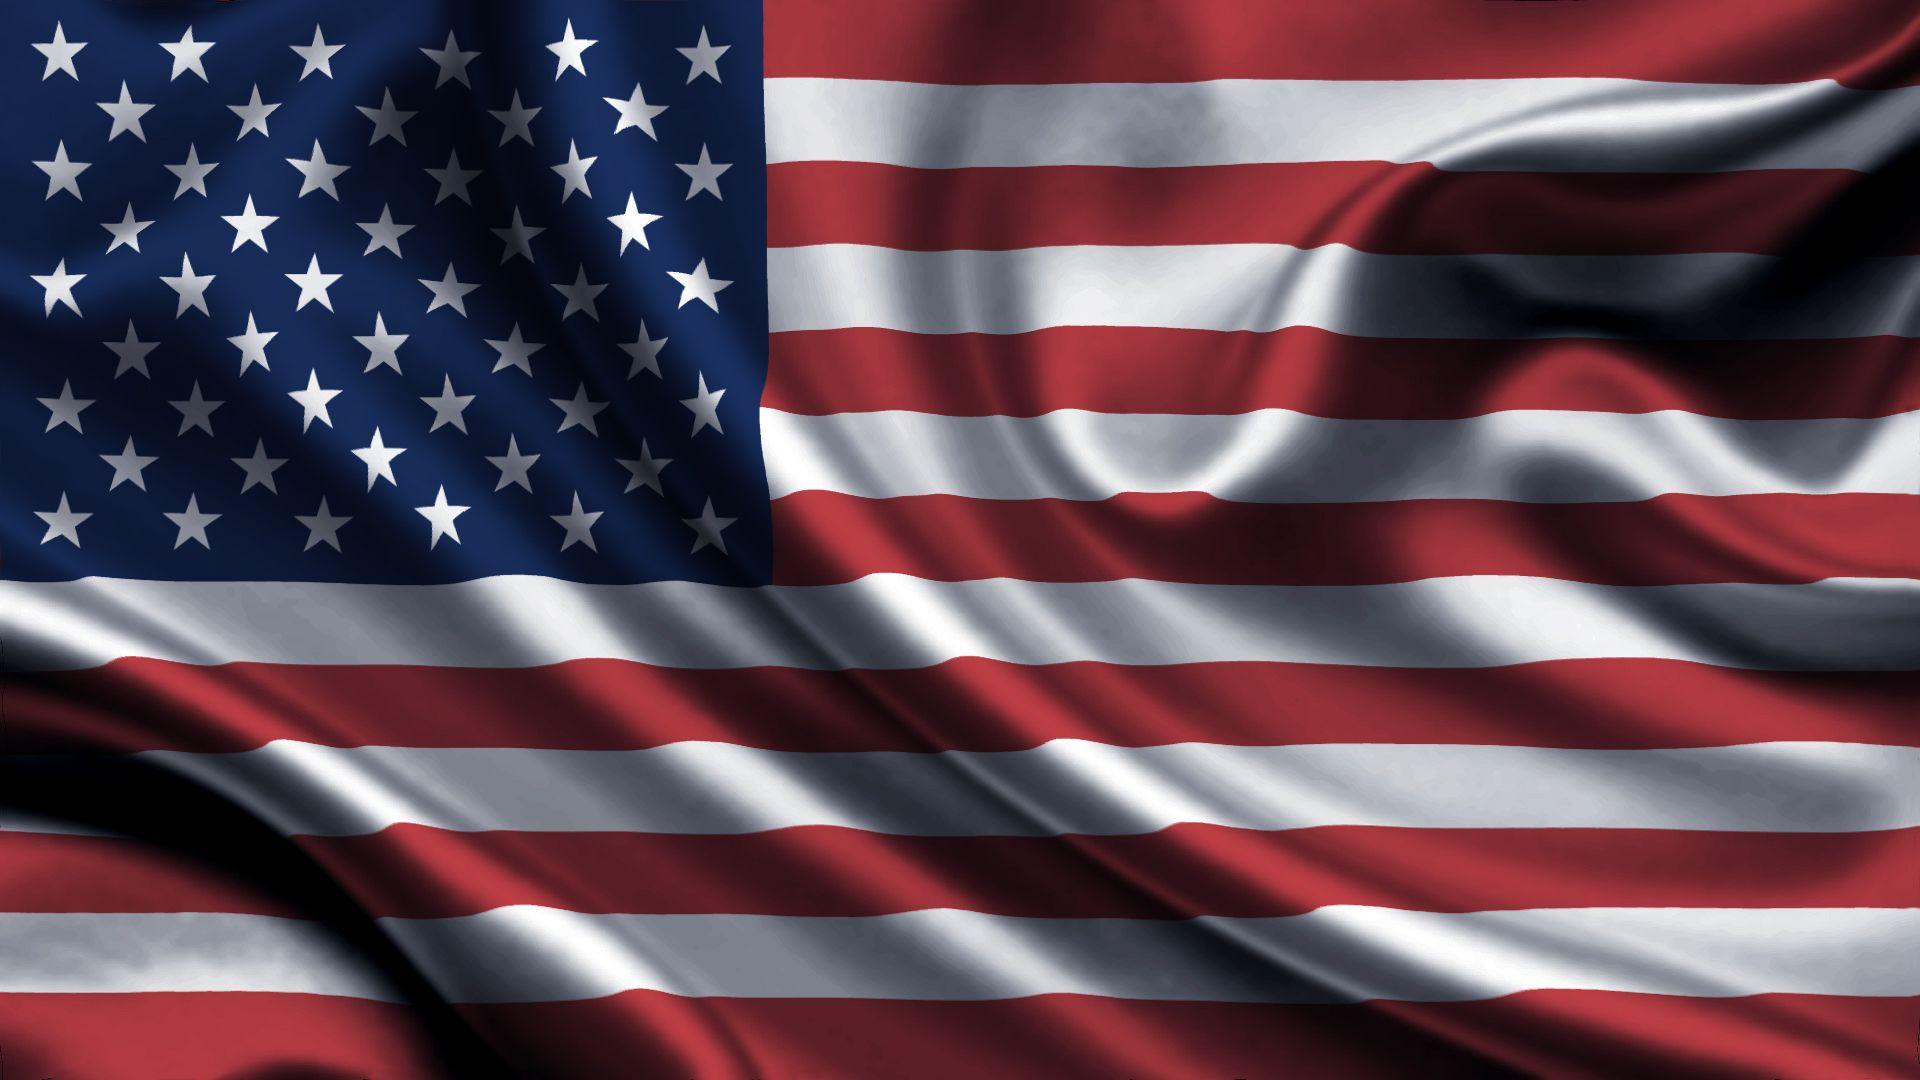 Estados Unidos Bandeira Dos Eua Bandeira Dos Estados Unidos Bandeira Do Estados Unidos